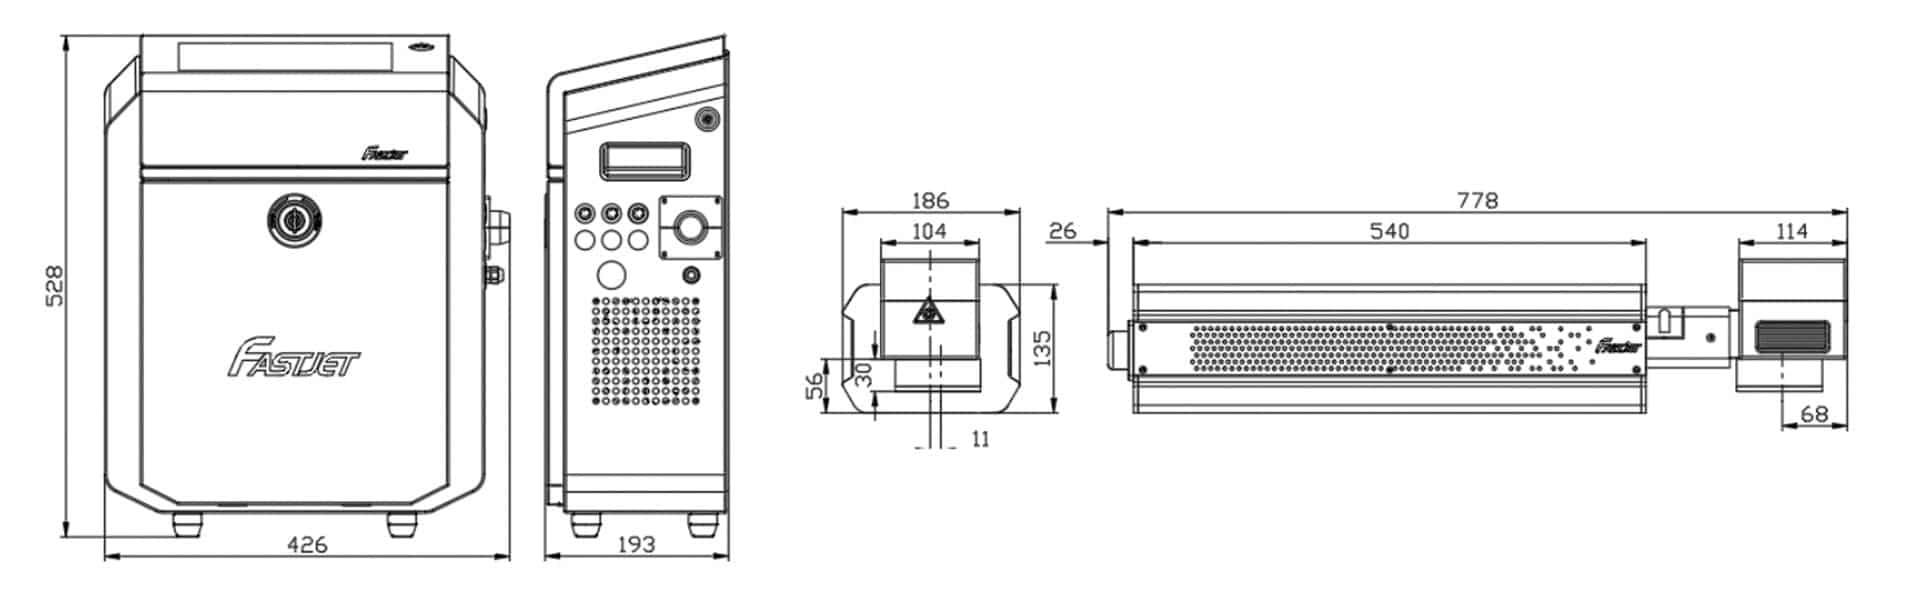 Лазерный маркиратор Fastjet F8100 размеры